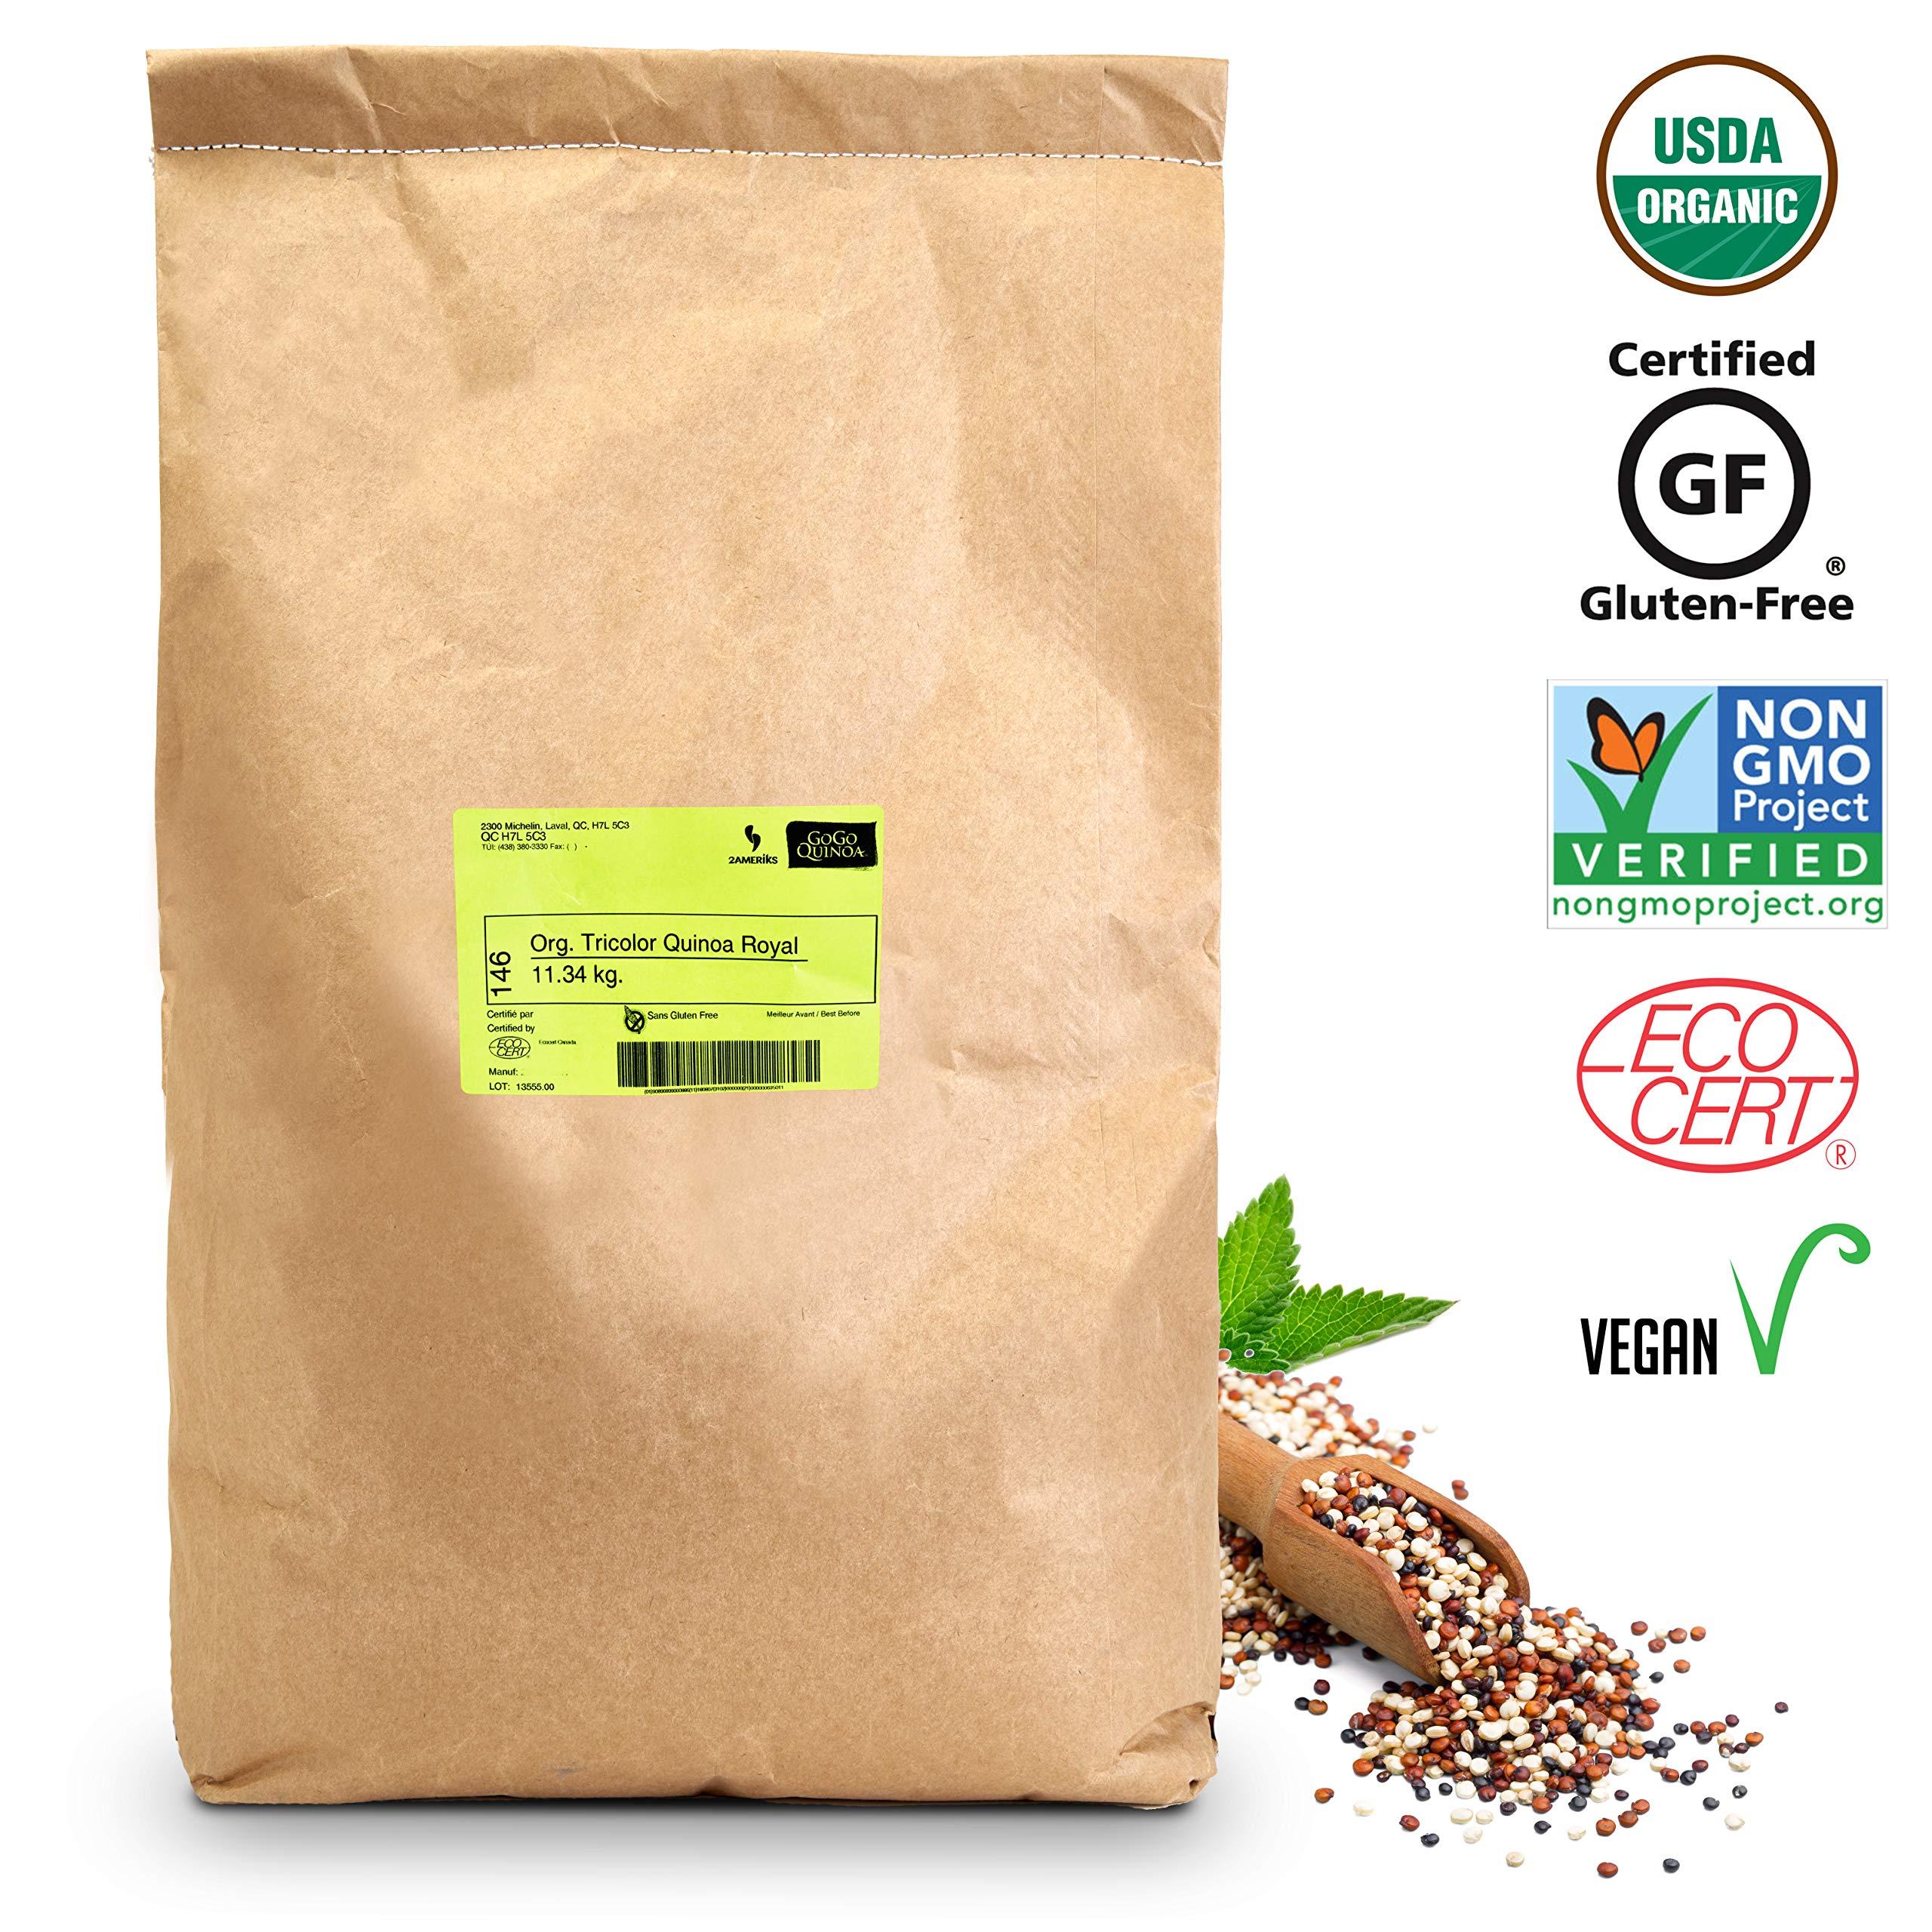 GoGo Quinoa Grains Tricolor Organic, 25 lbs by GoGo Quinoa